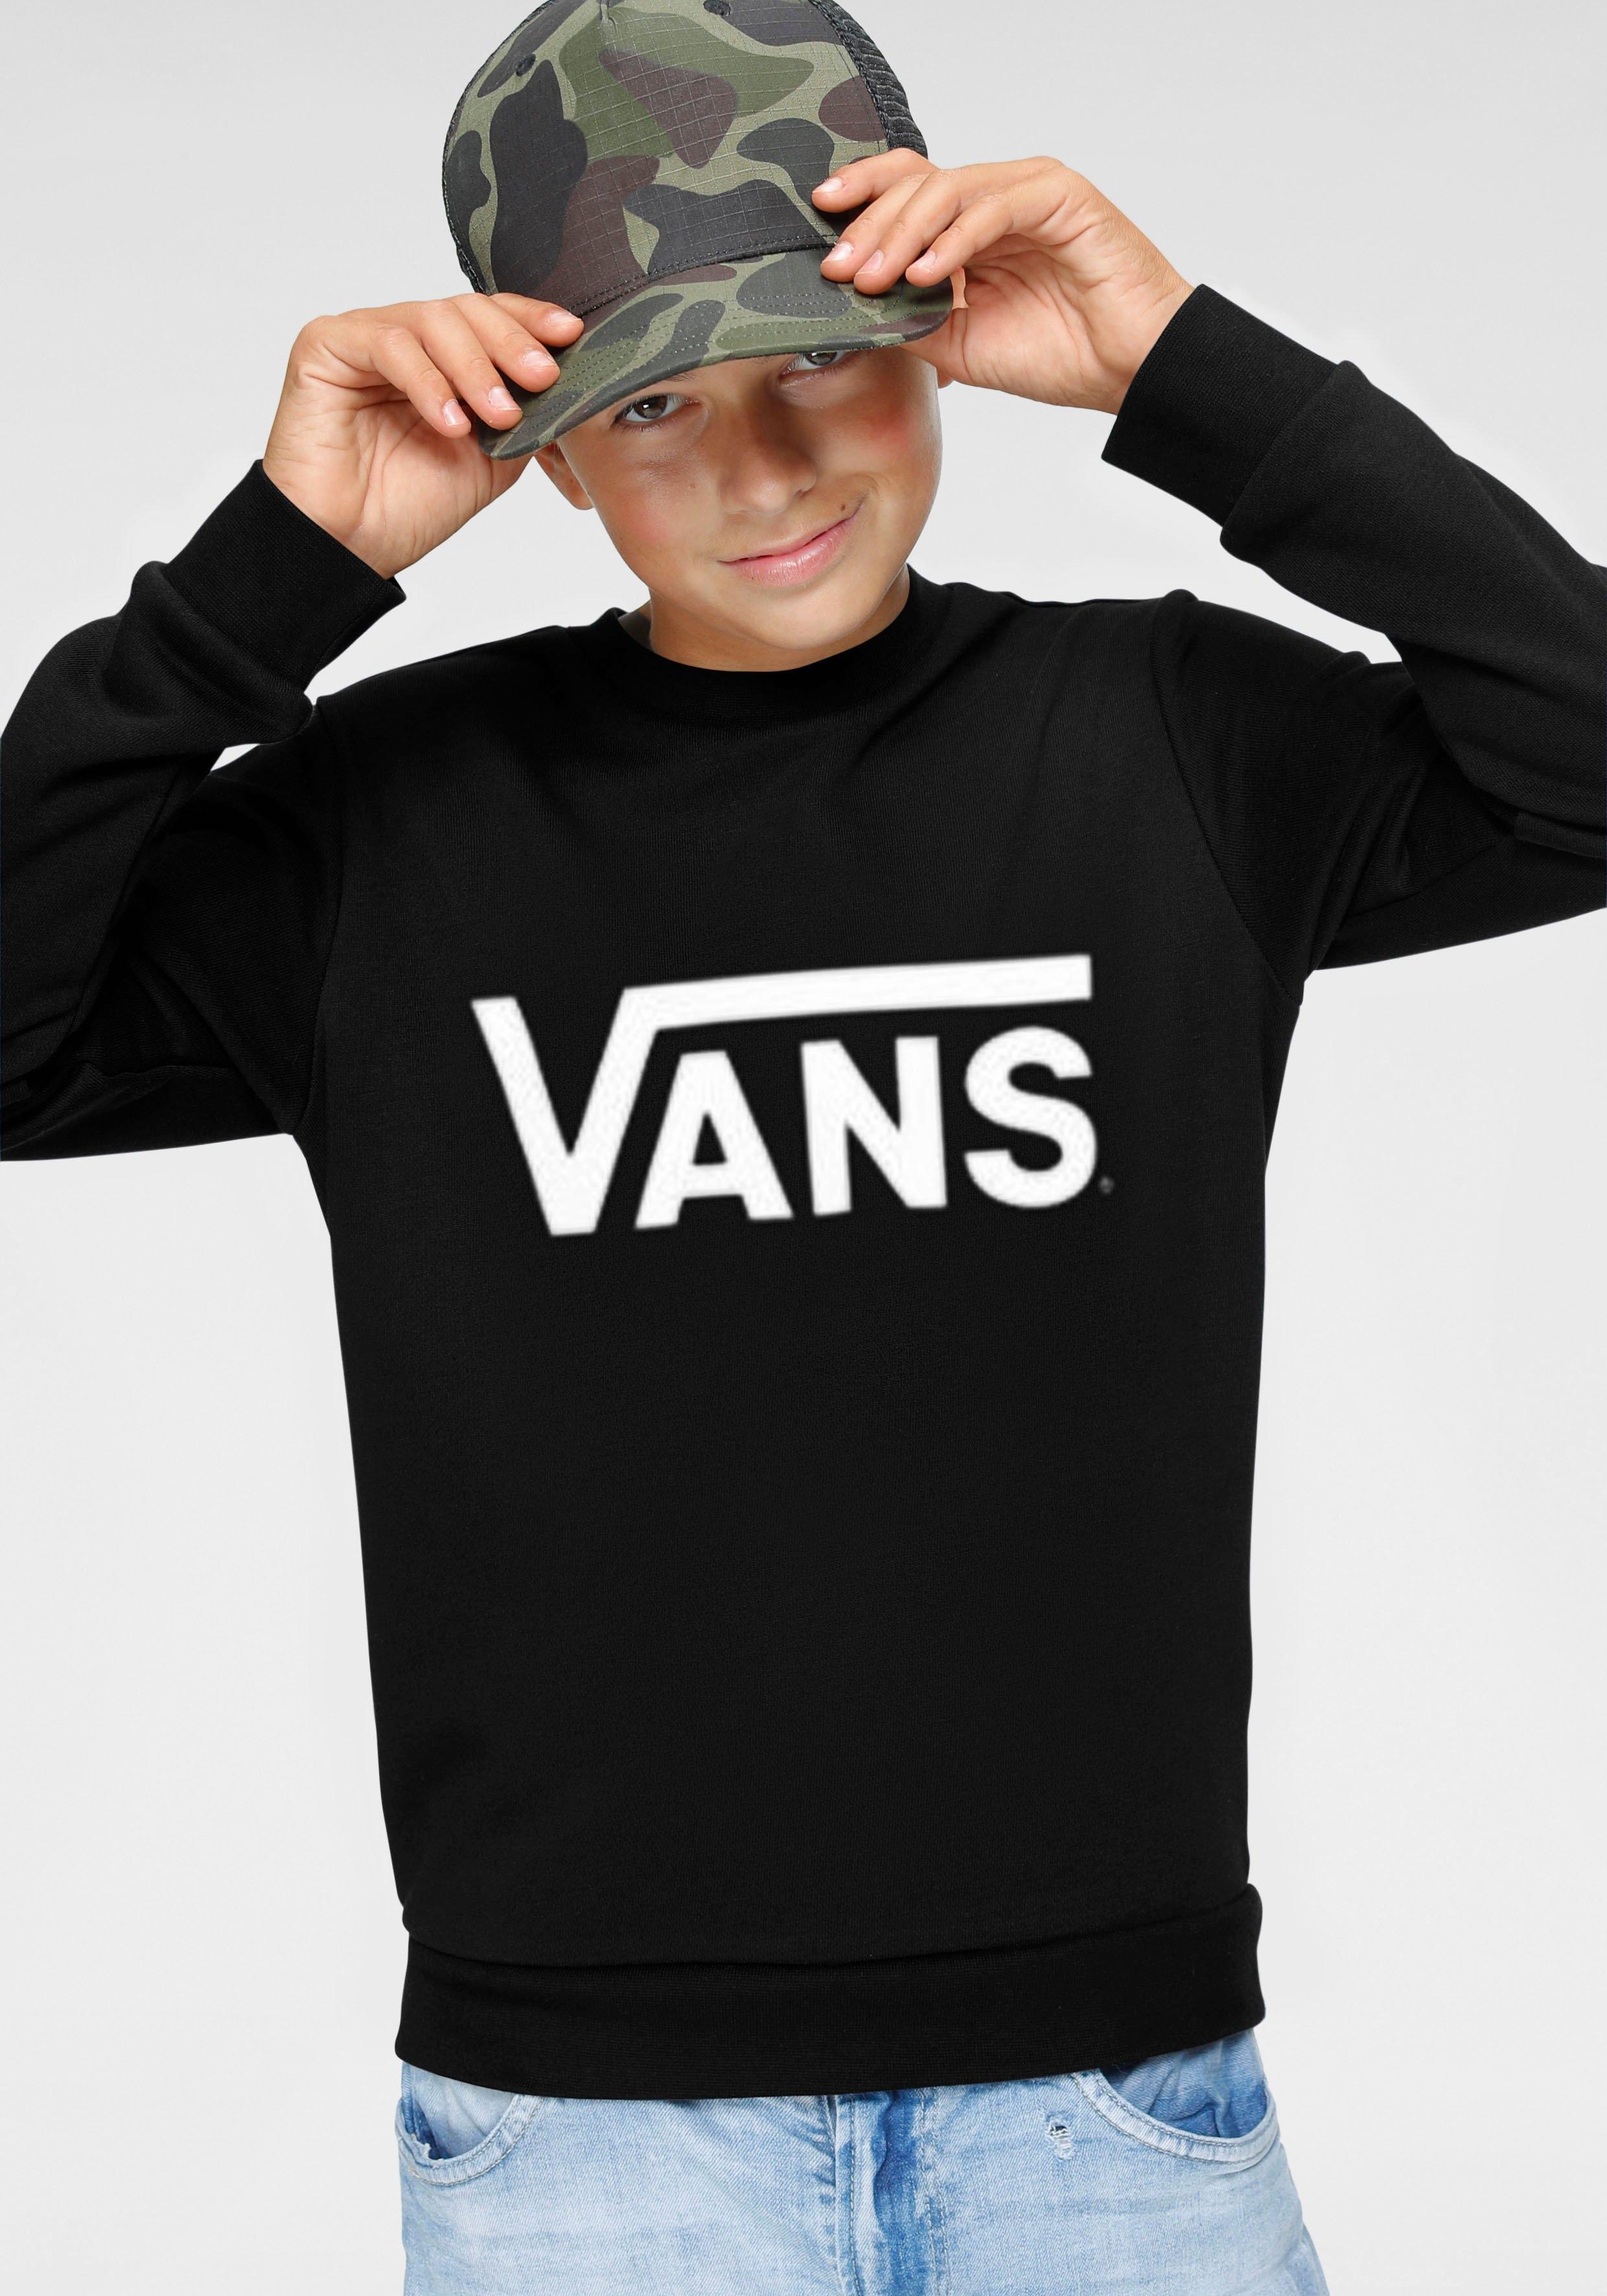 Vans sweatshirt VANS CLASSIC CREW BOYS goedkoop op otto.nl kopen